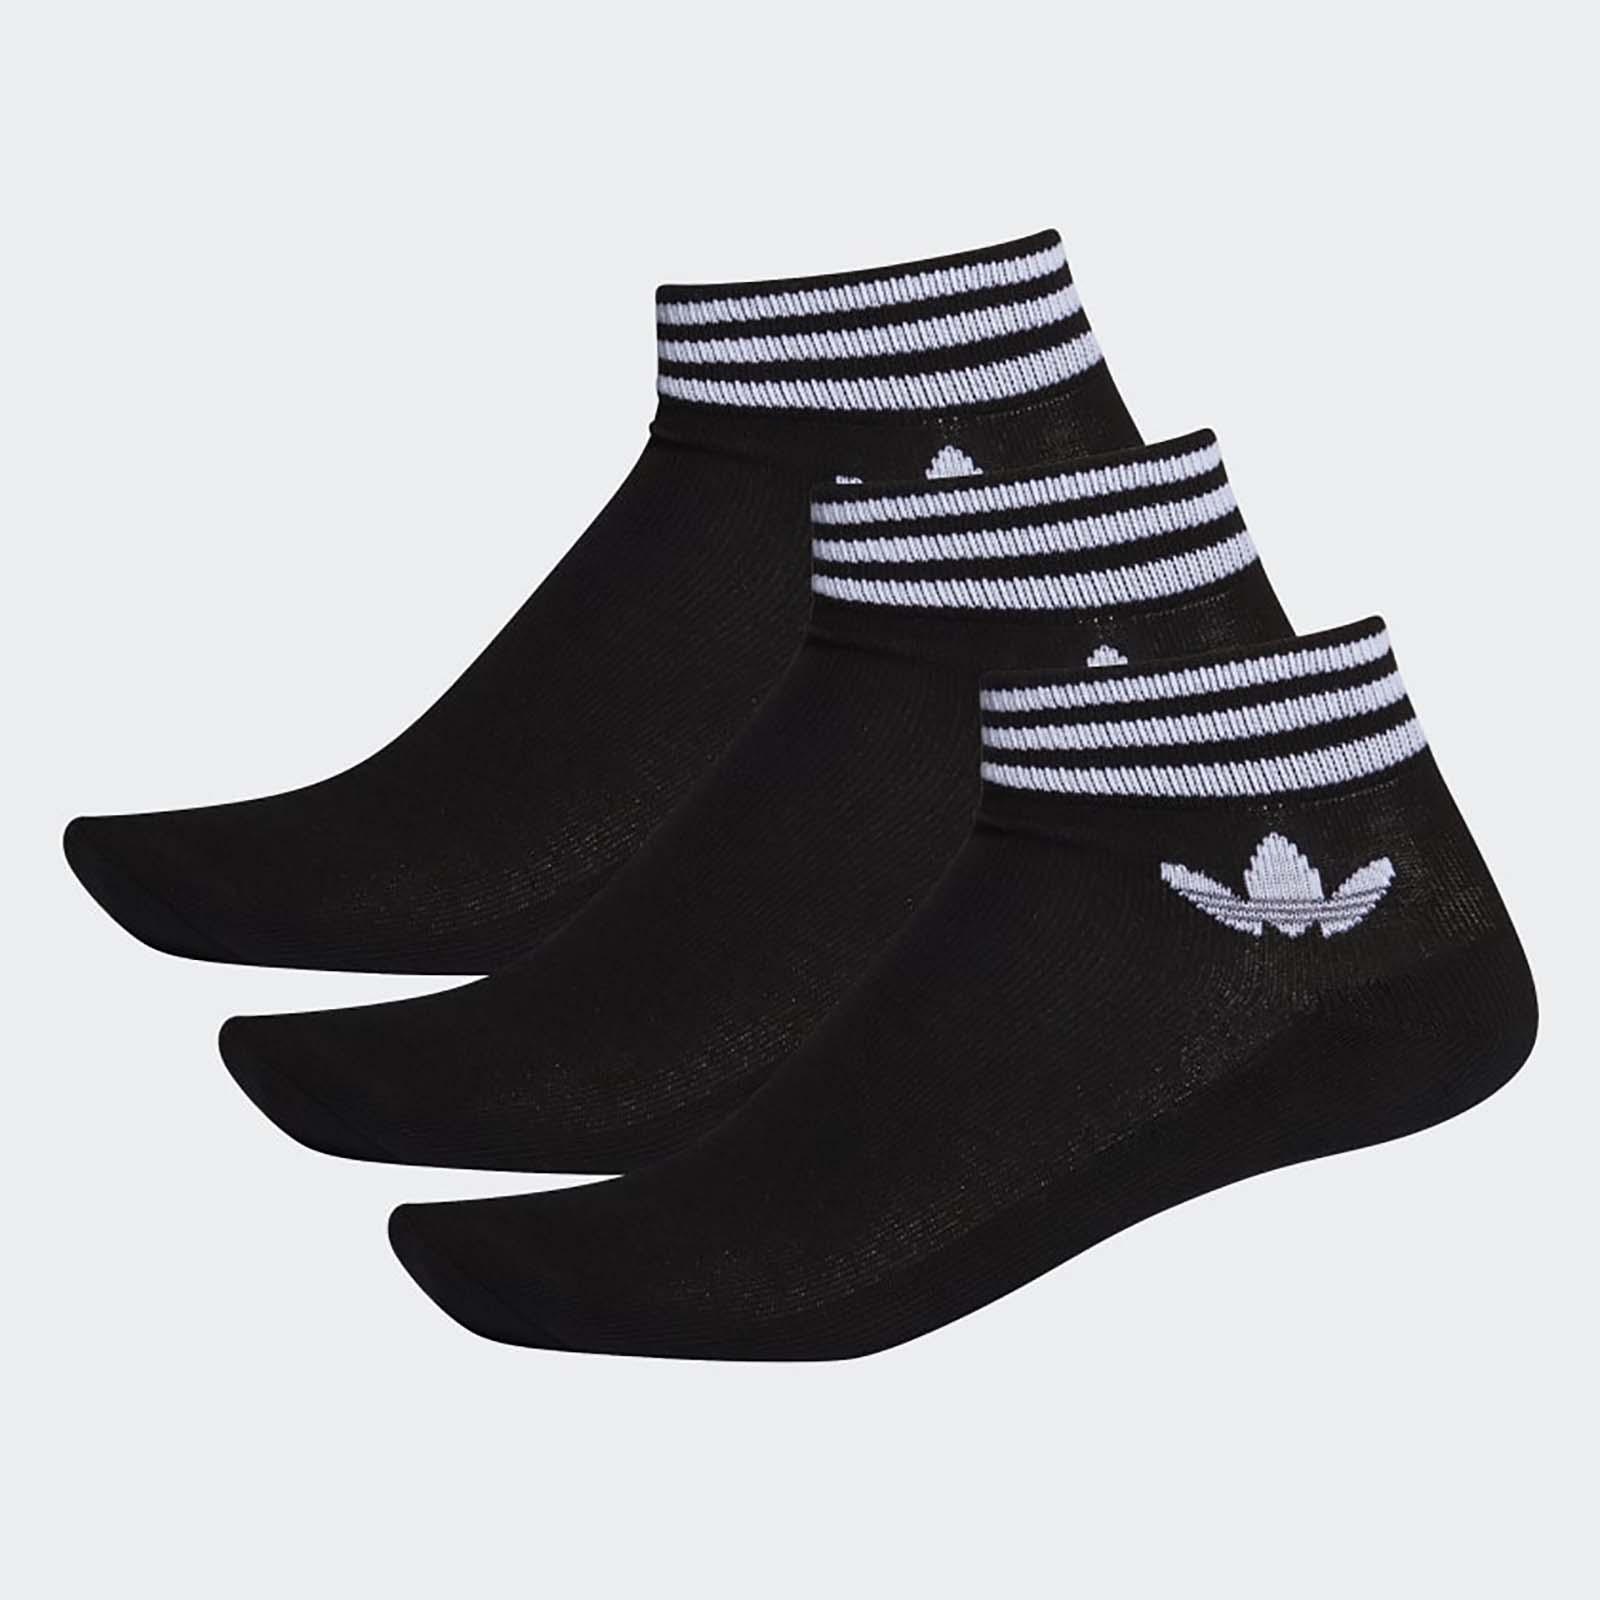 Носки унисекс Adidas TREF ANK SCK HC черные 35/38